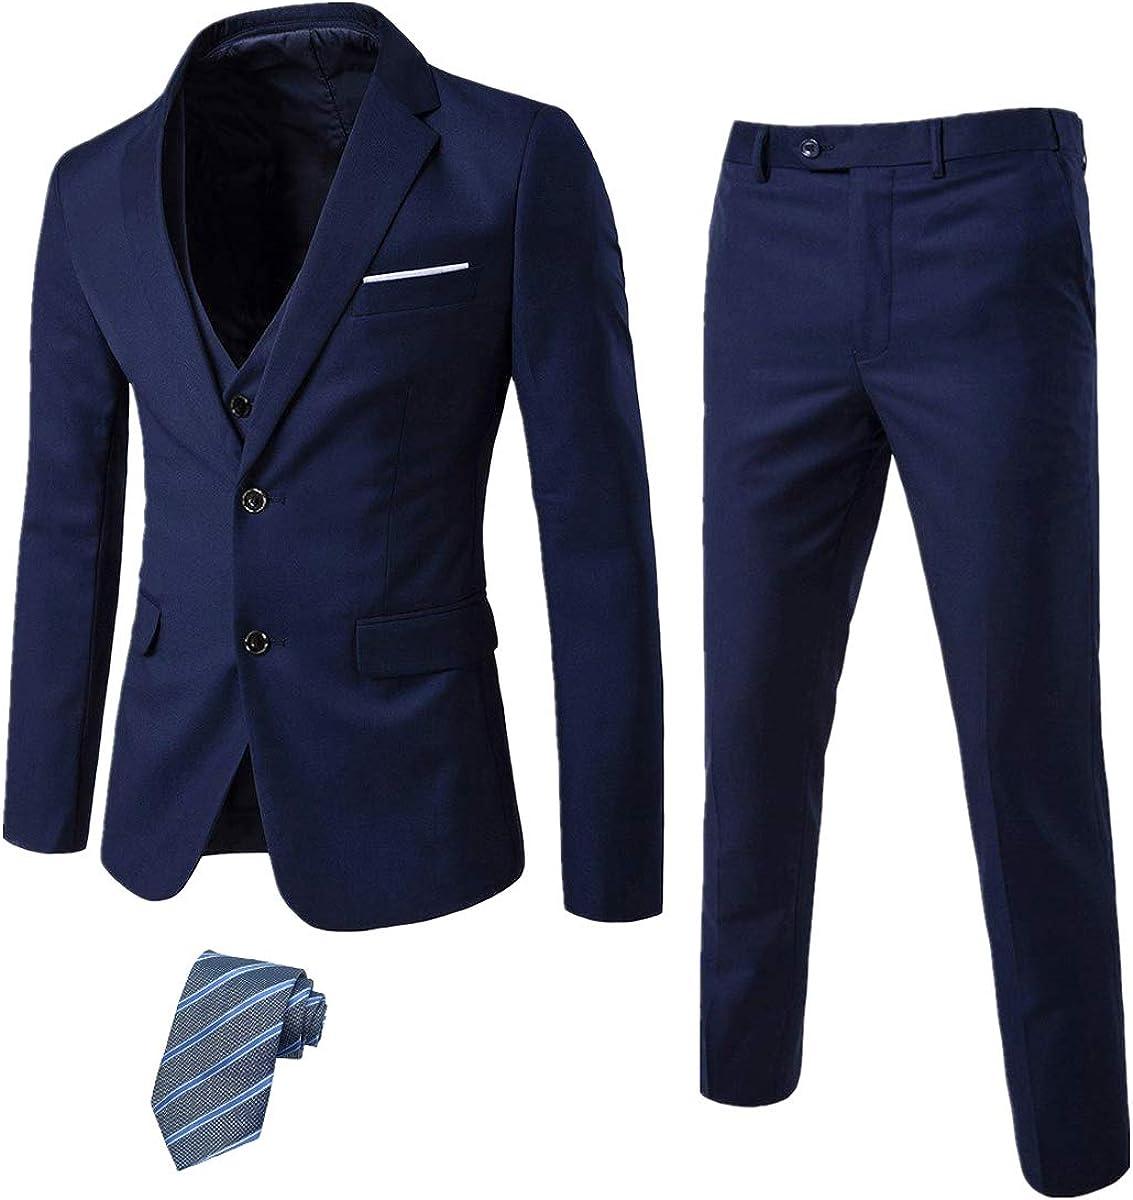 EastSide Men's 3 Pieces Suit Slim Fit Buttons Blazer 2 Tux Ves Weekly update shop